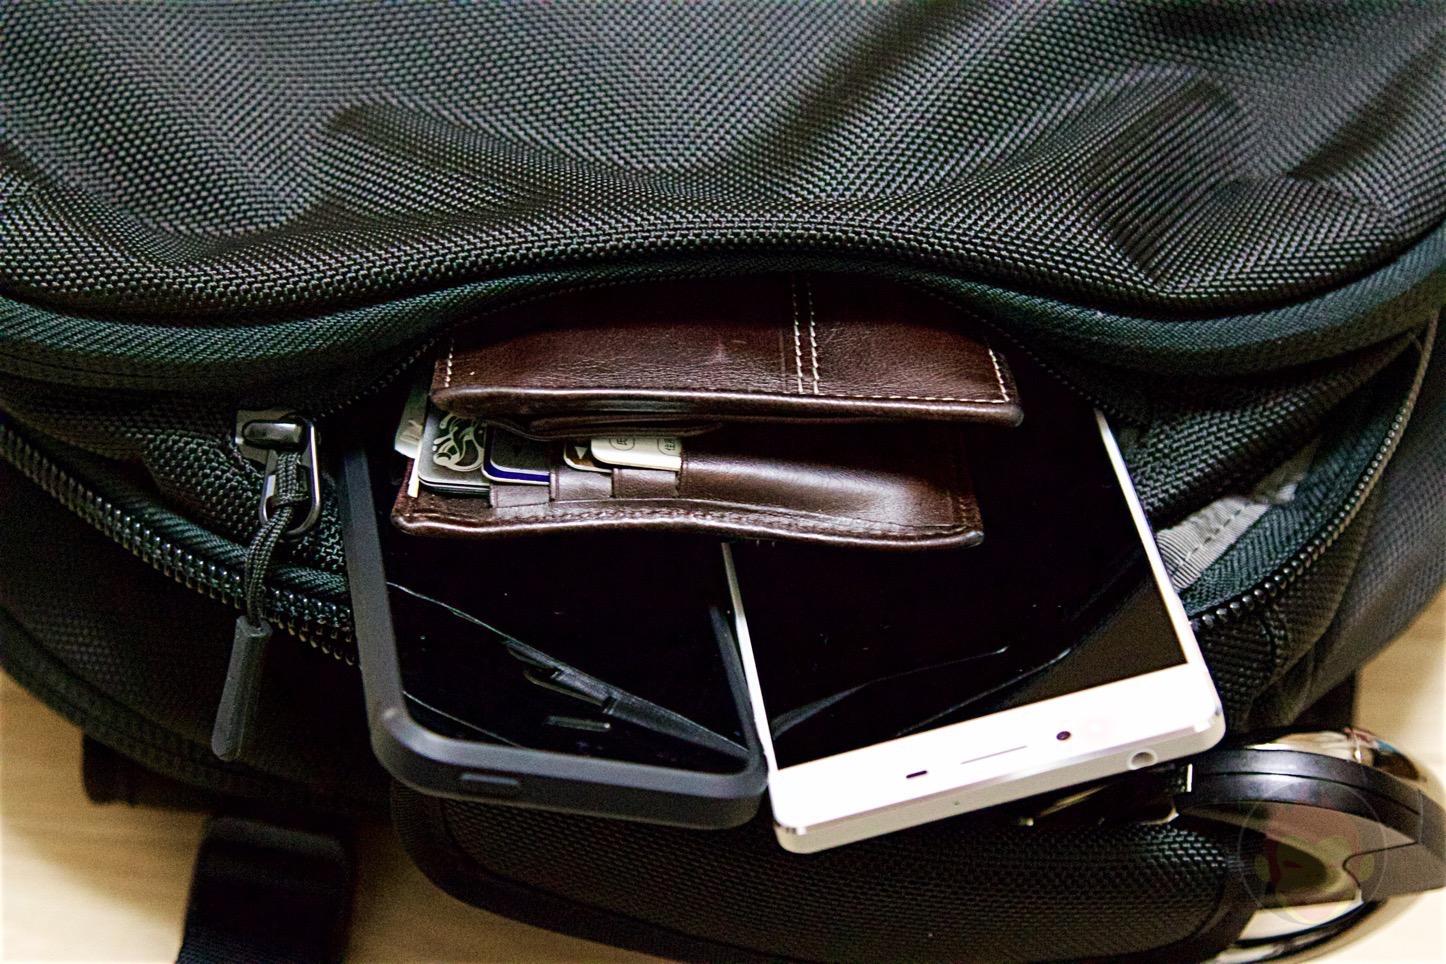 Aer-Travel-BackPack-on-Kickstarter-37.jpg